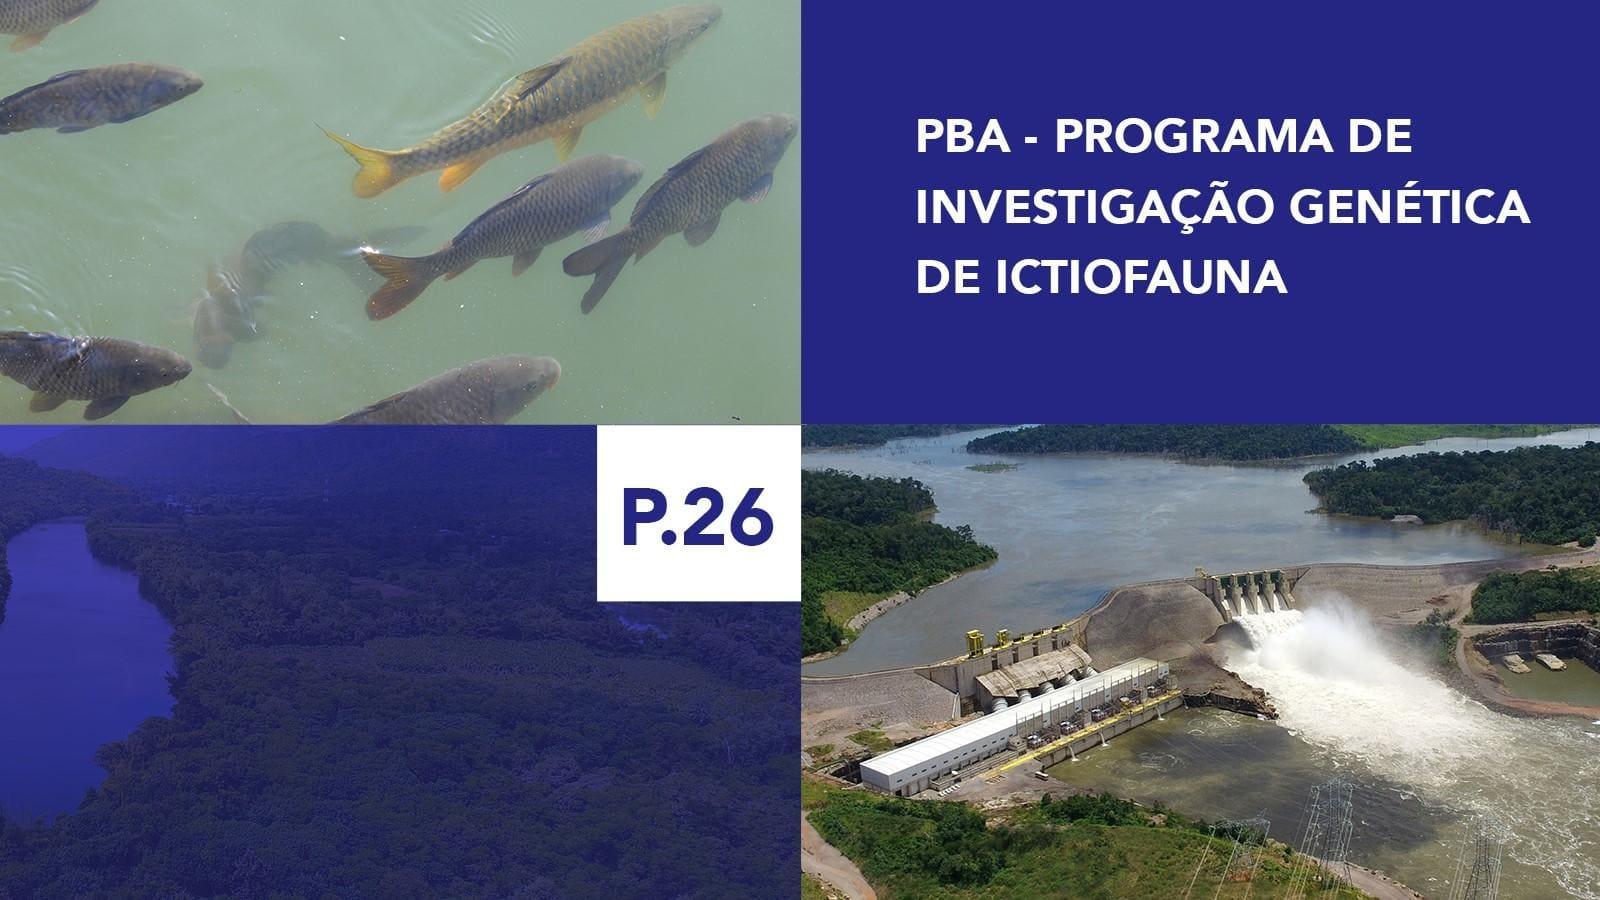 P.26 - Programa de Investigação Genética de Ictiofauna